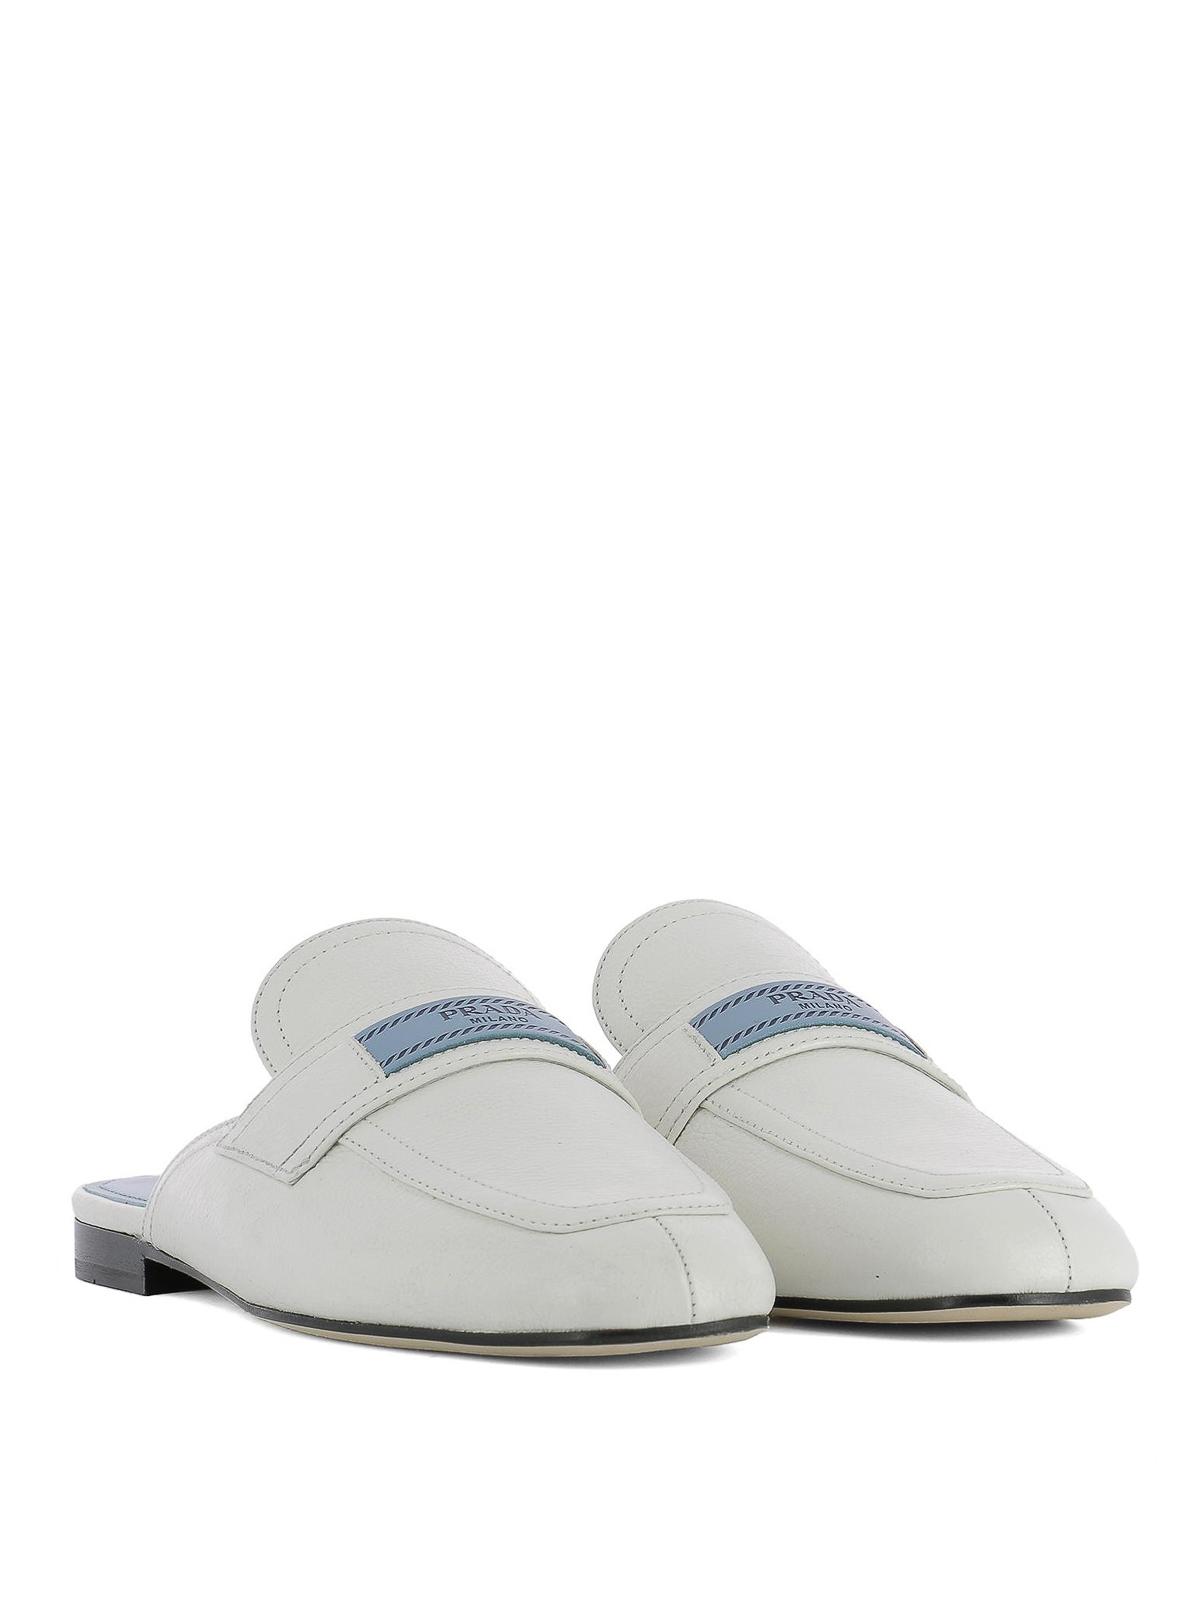 logo patch slippers - Black Prada 6O9EtvQ3am